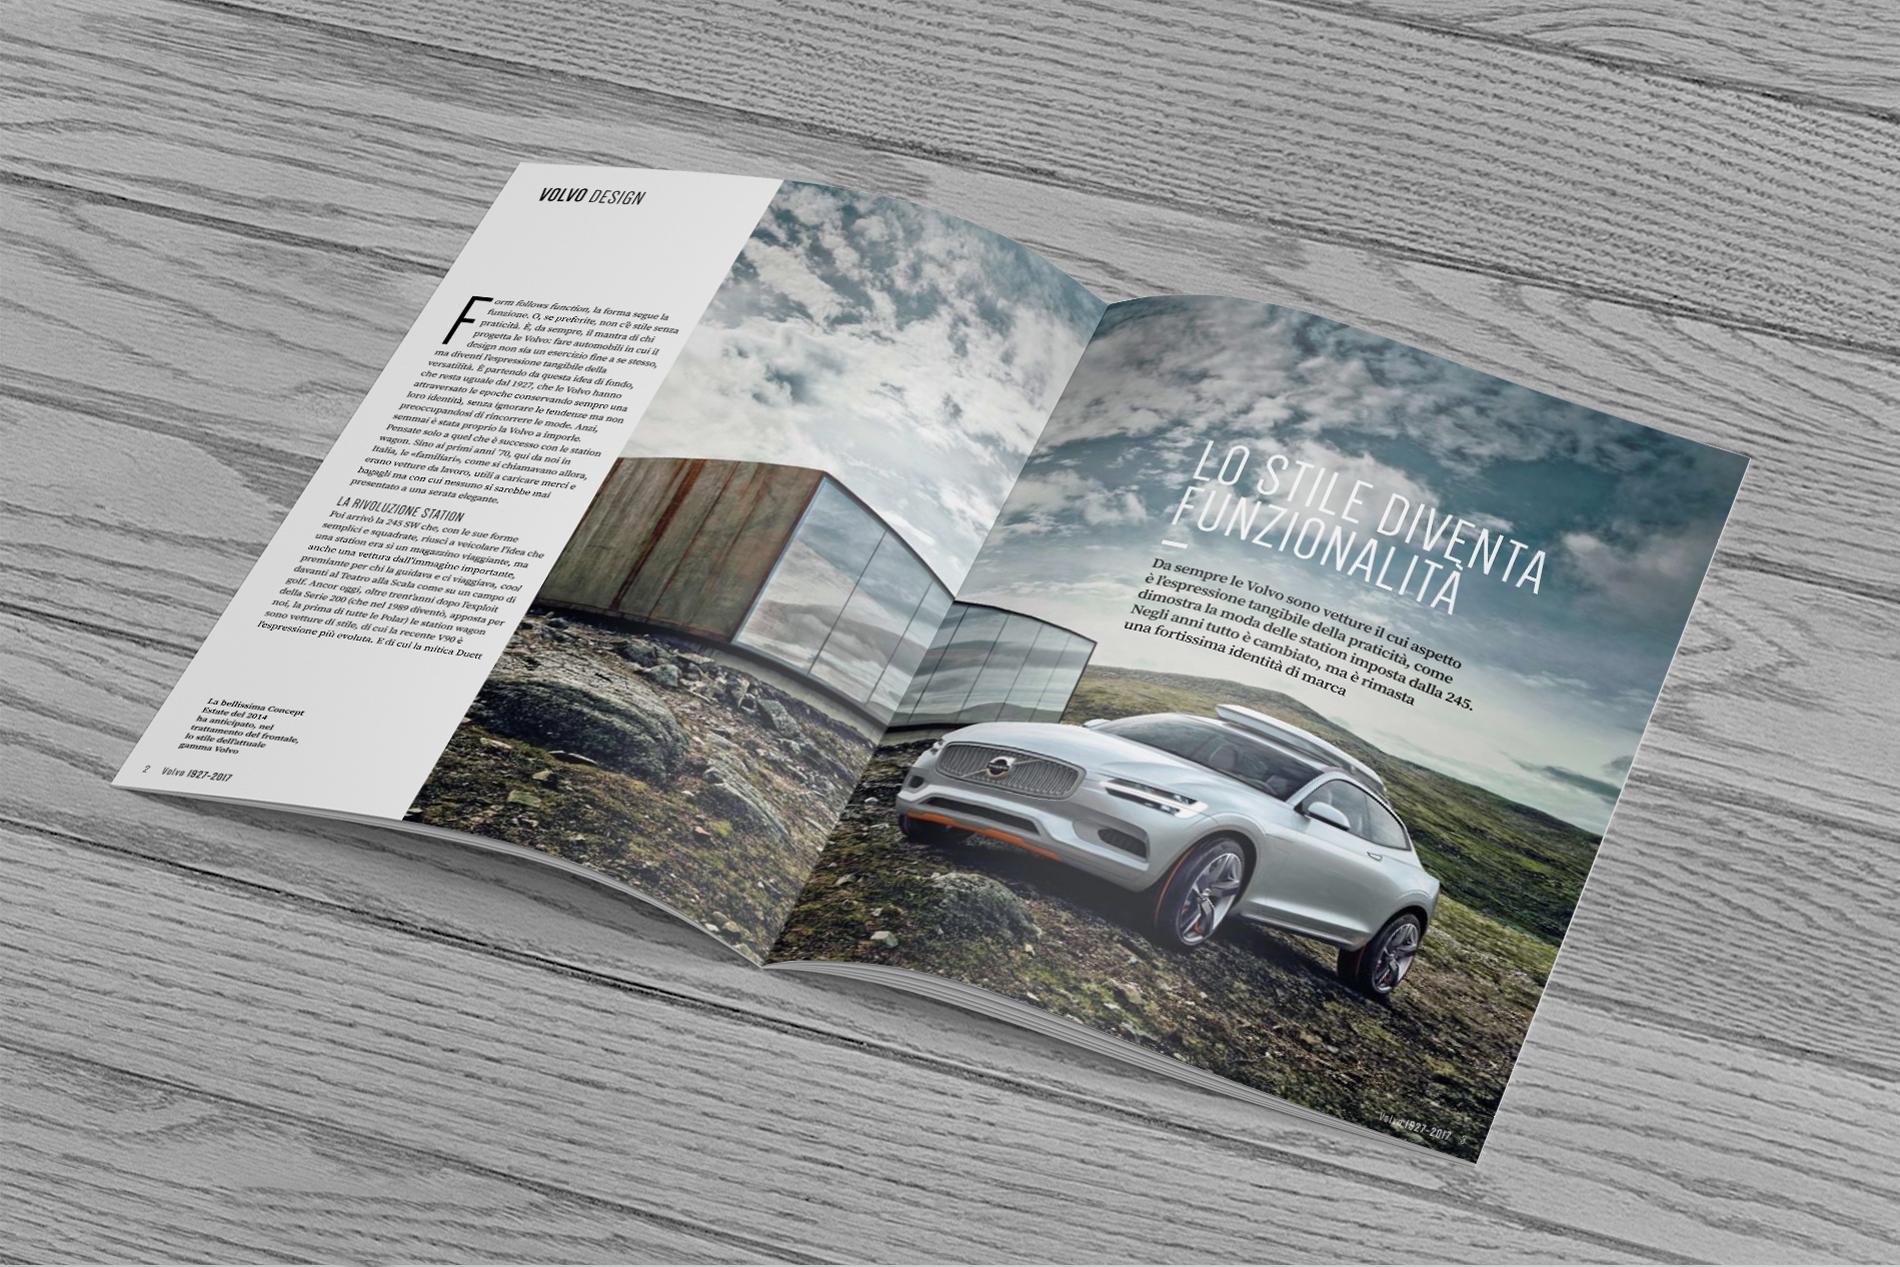 Volvo magazine